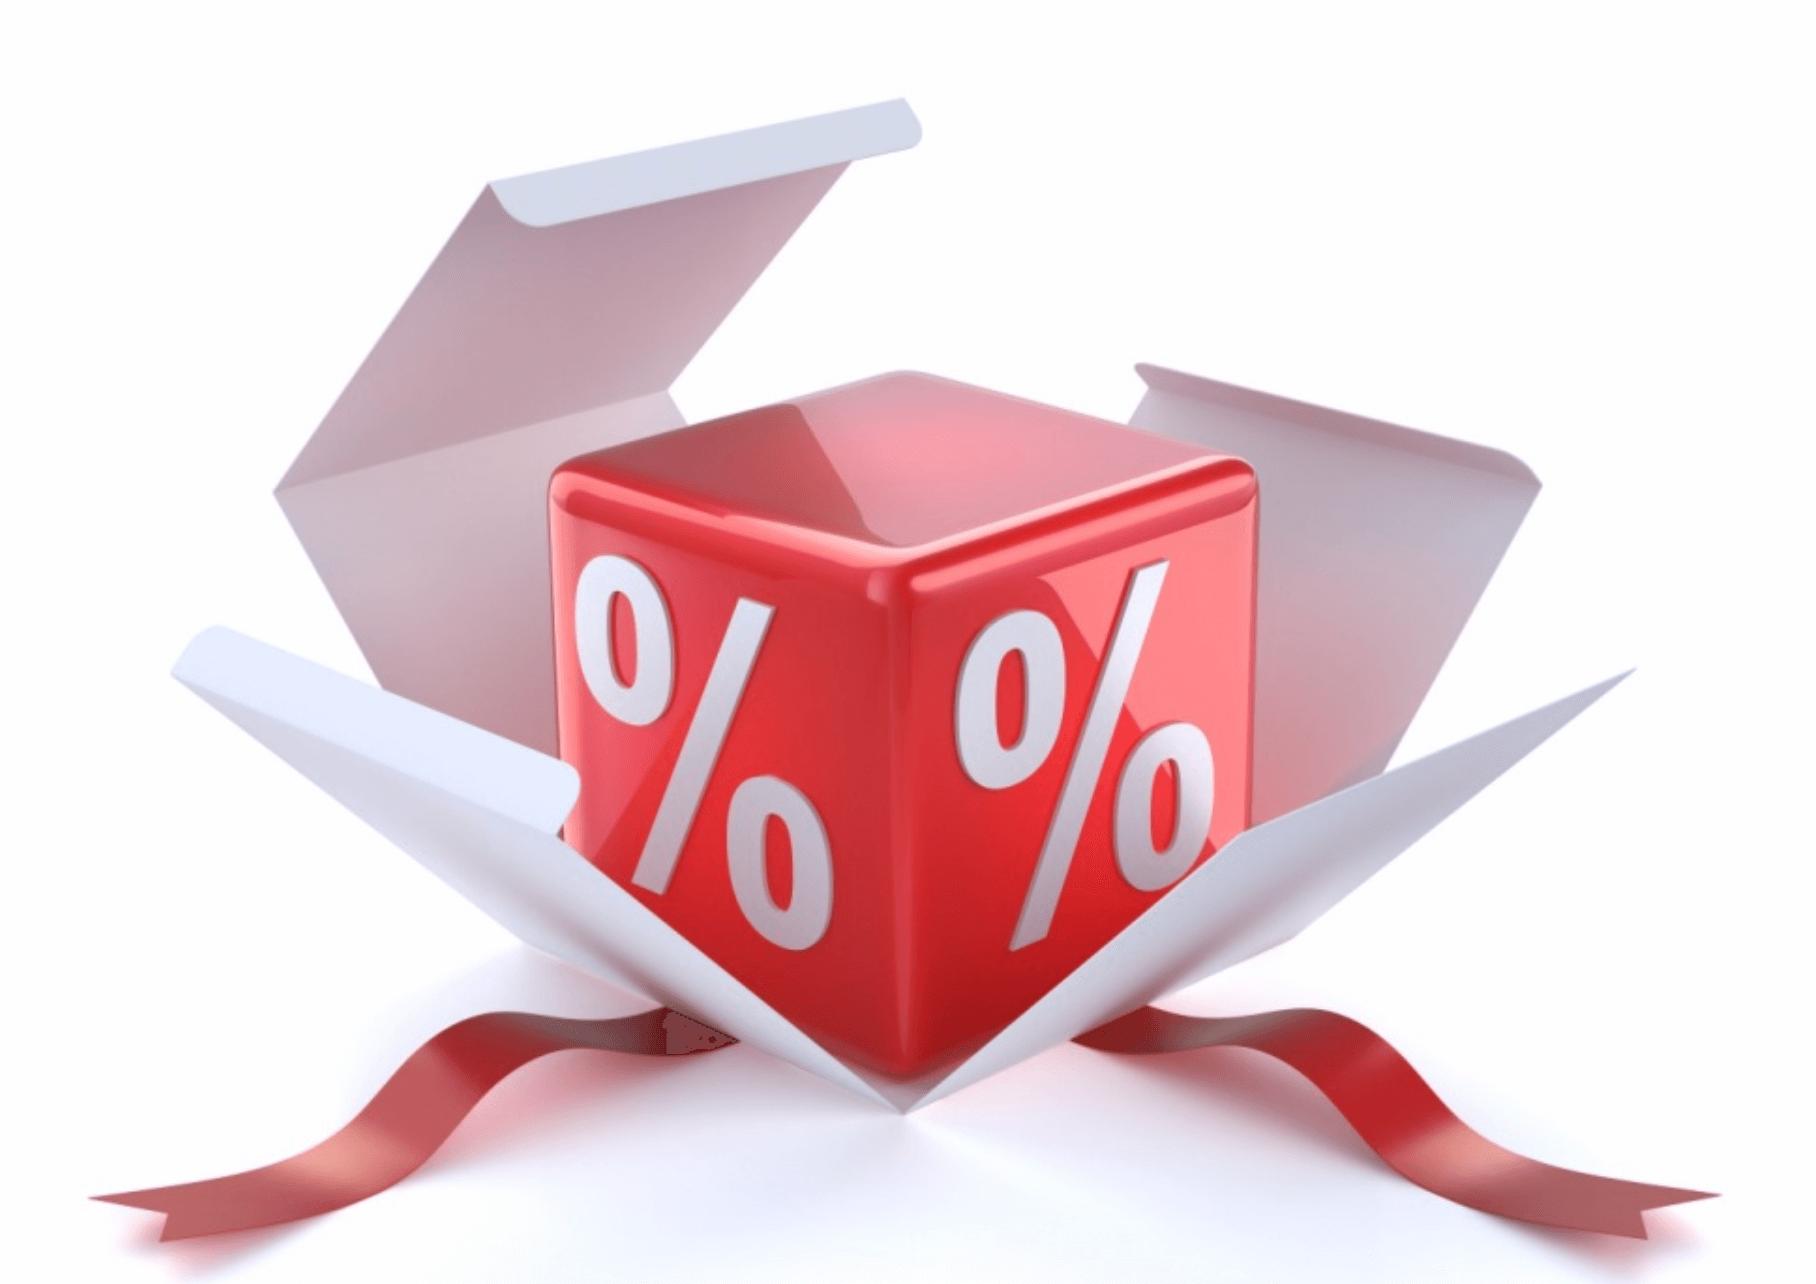 мфо с самым низким процентом на длительный срок как отправить заявку на кредит в сбербанке онлайн без регистрации бесплатно